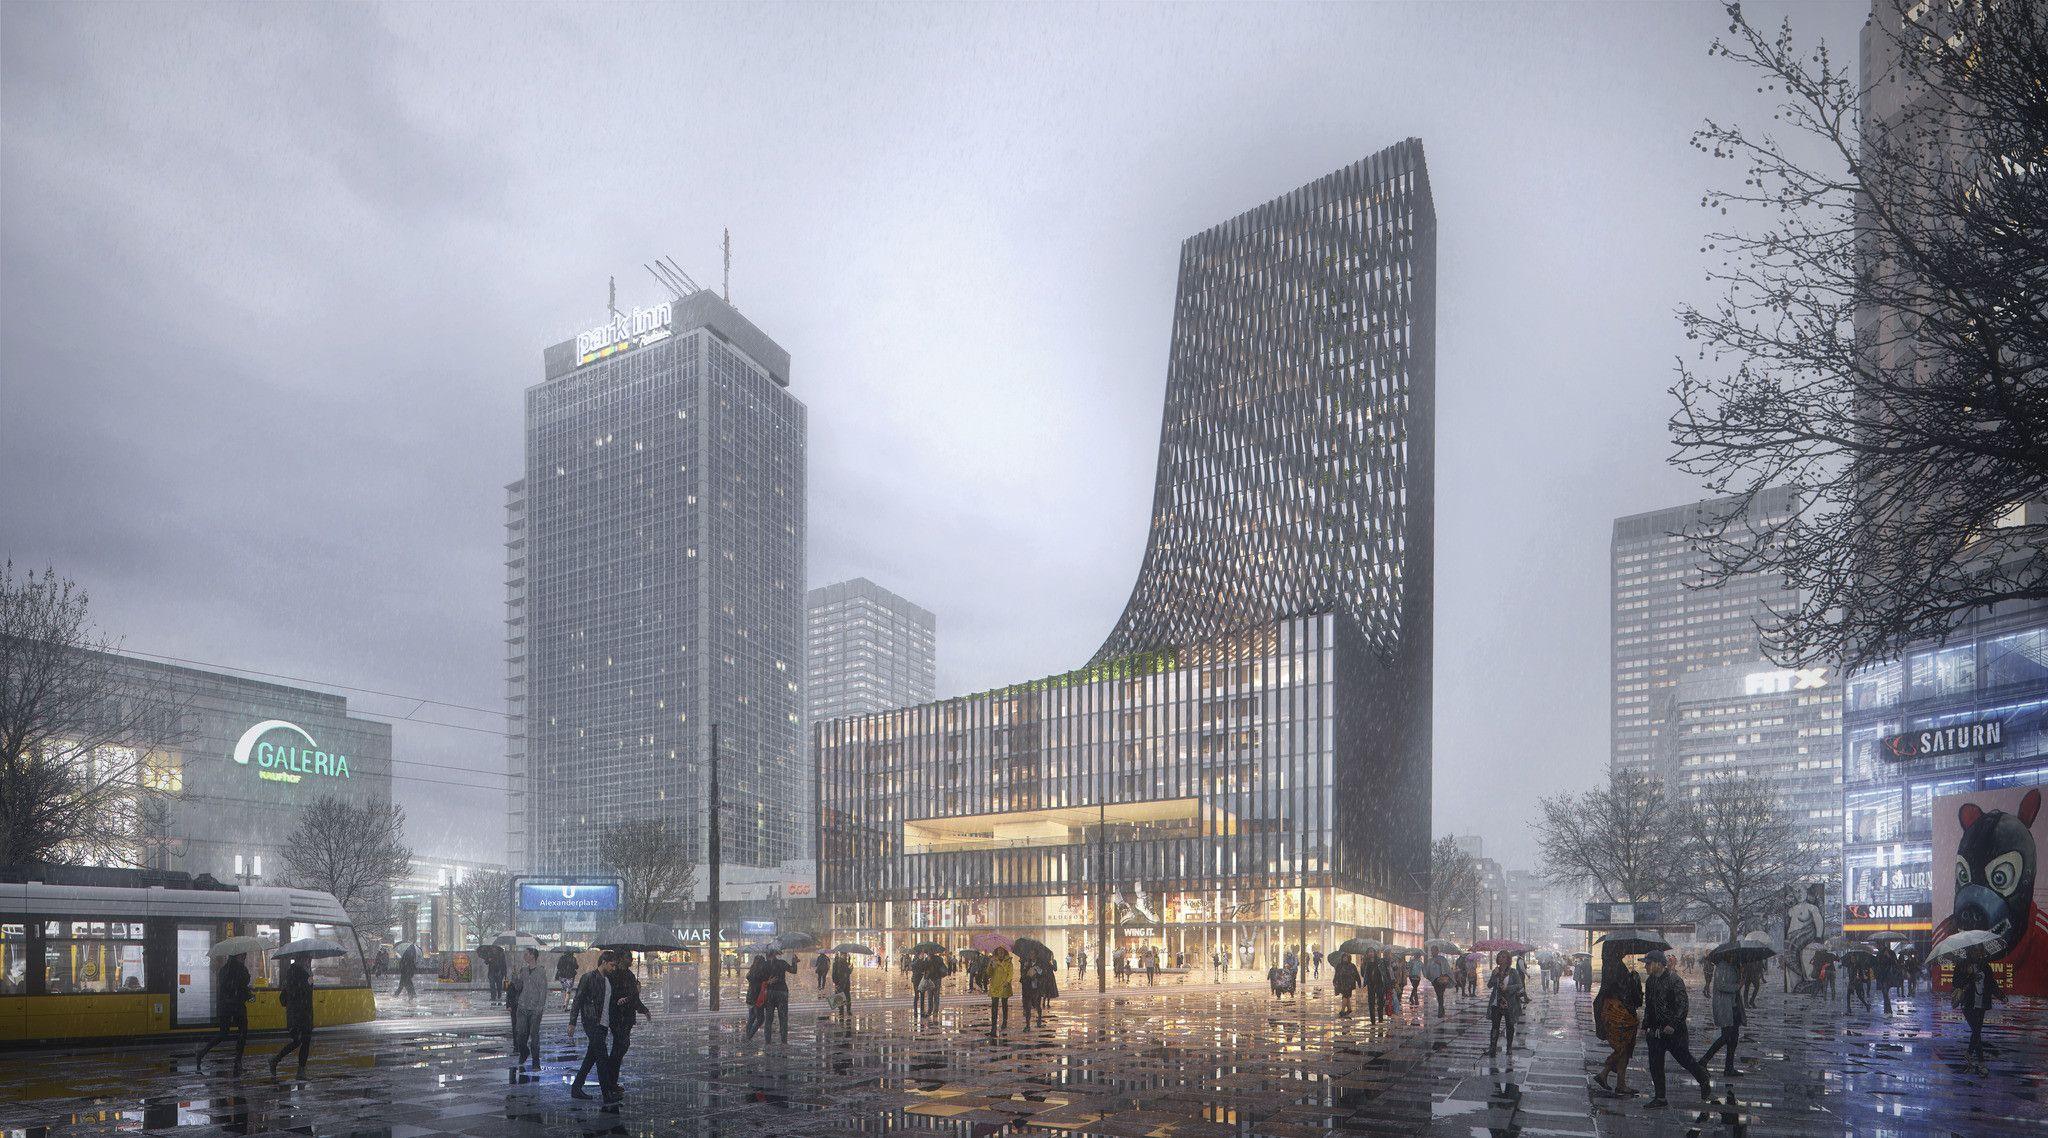 Snohetta Plompmozes Concept Architecture High Rise Building Architecture